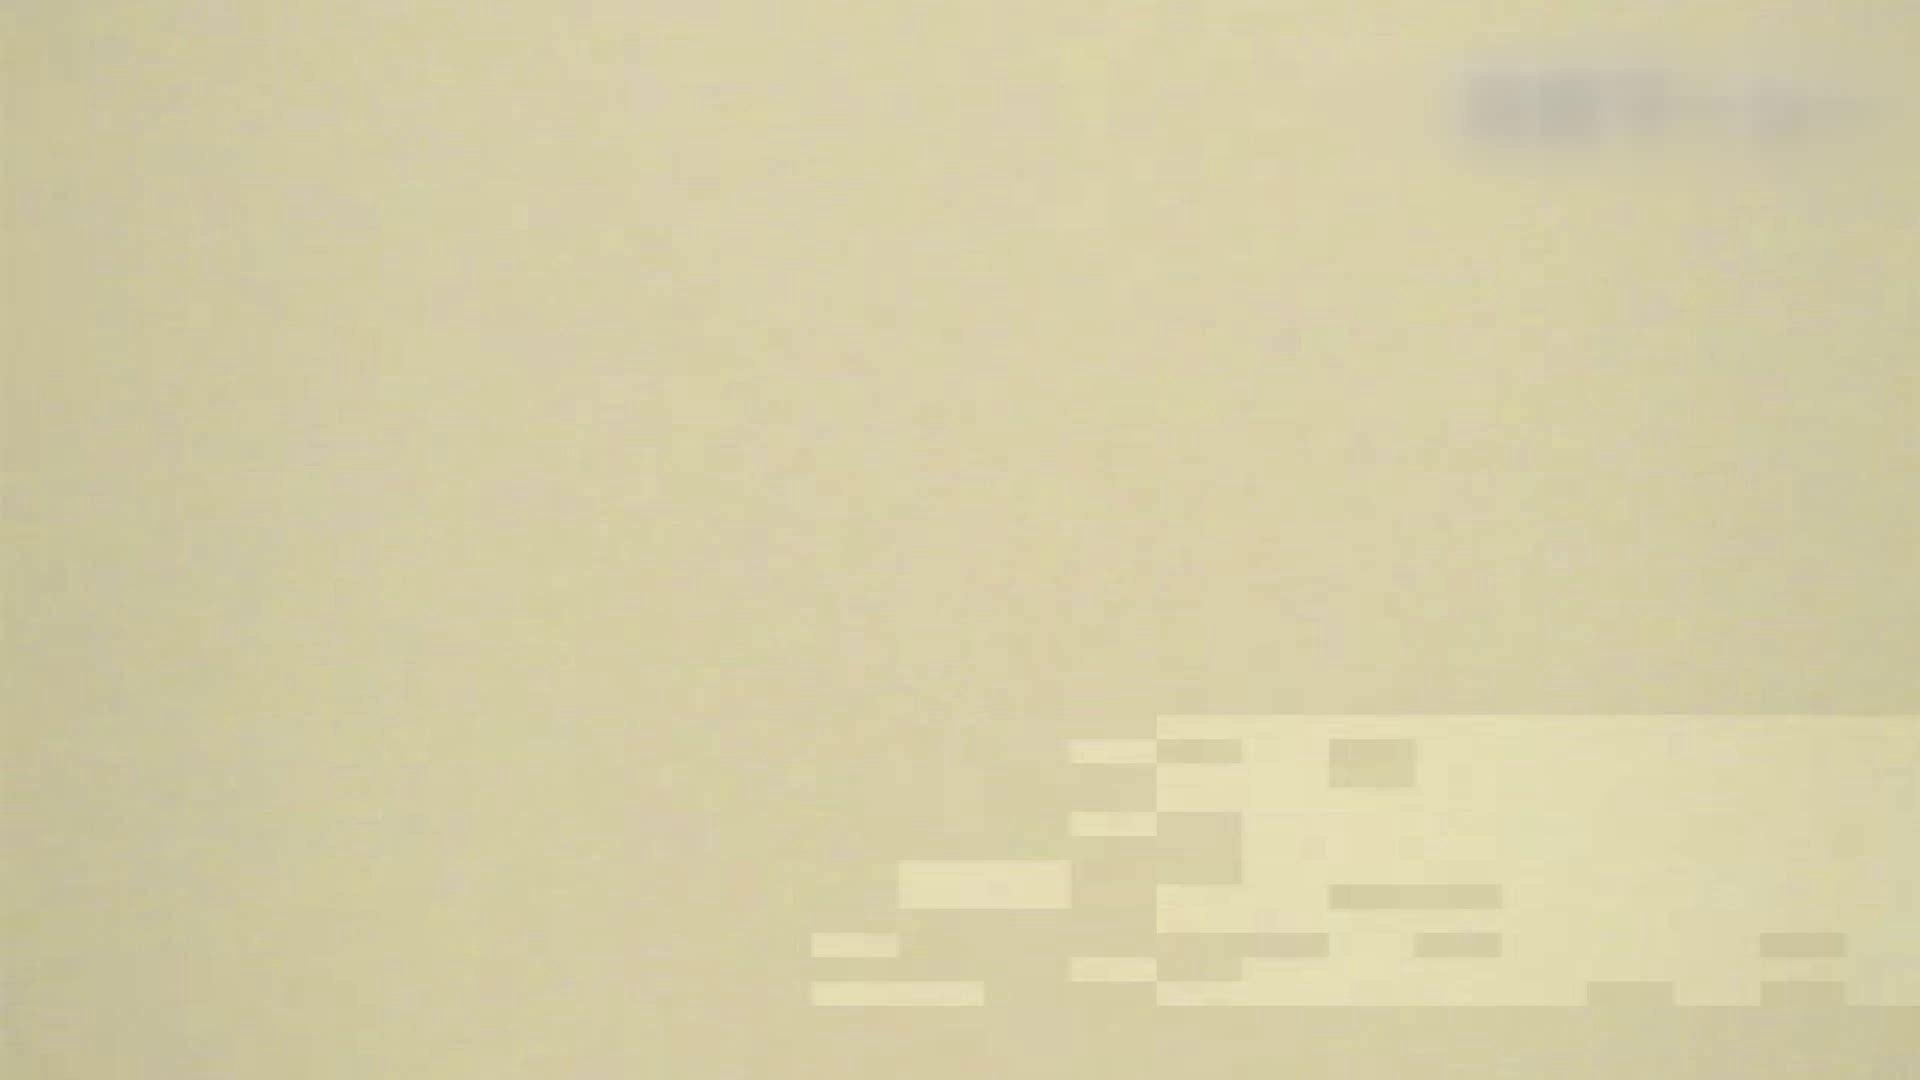 ロックハンドさんの盗撮記録File.15 潜入 盗撮AV動画キャプチャ 91連発 59